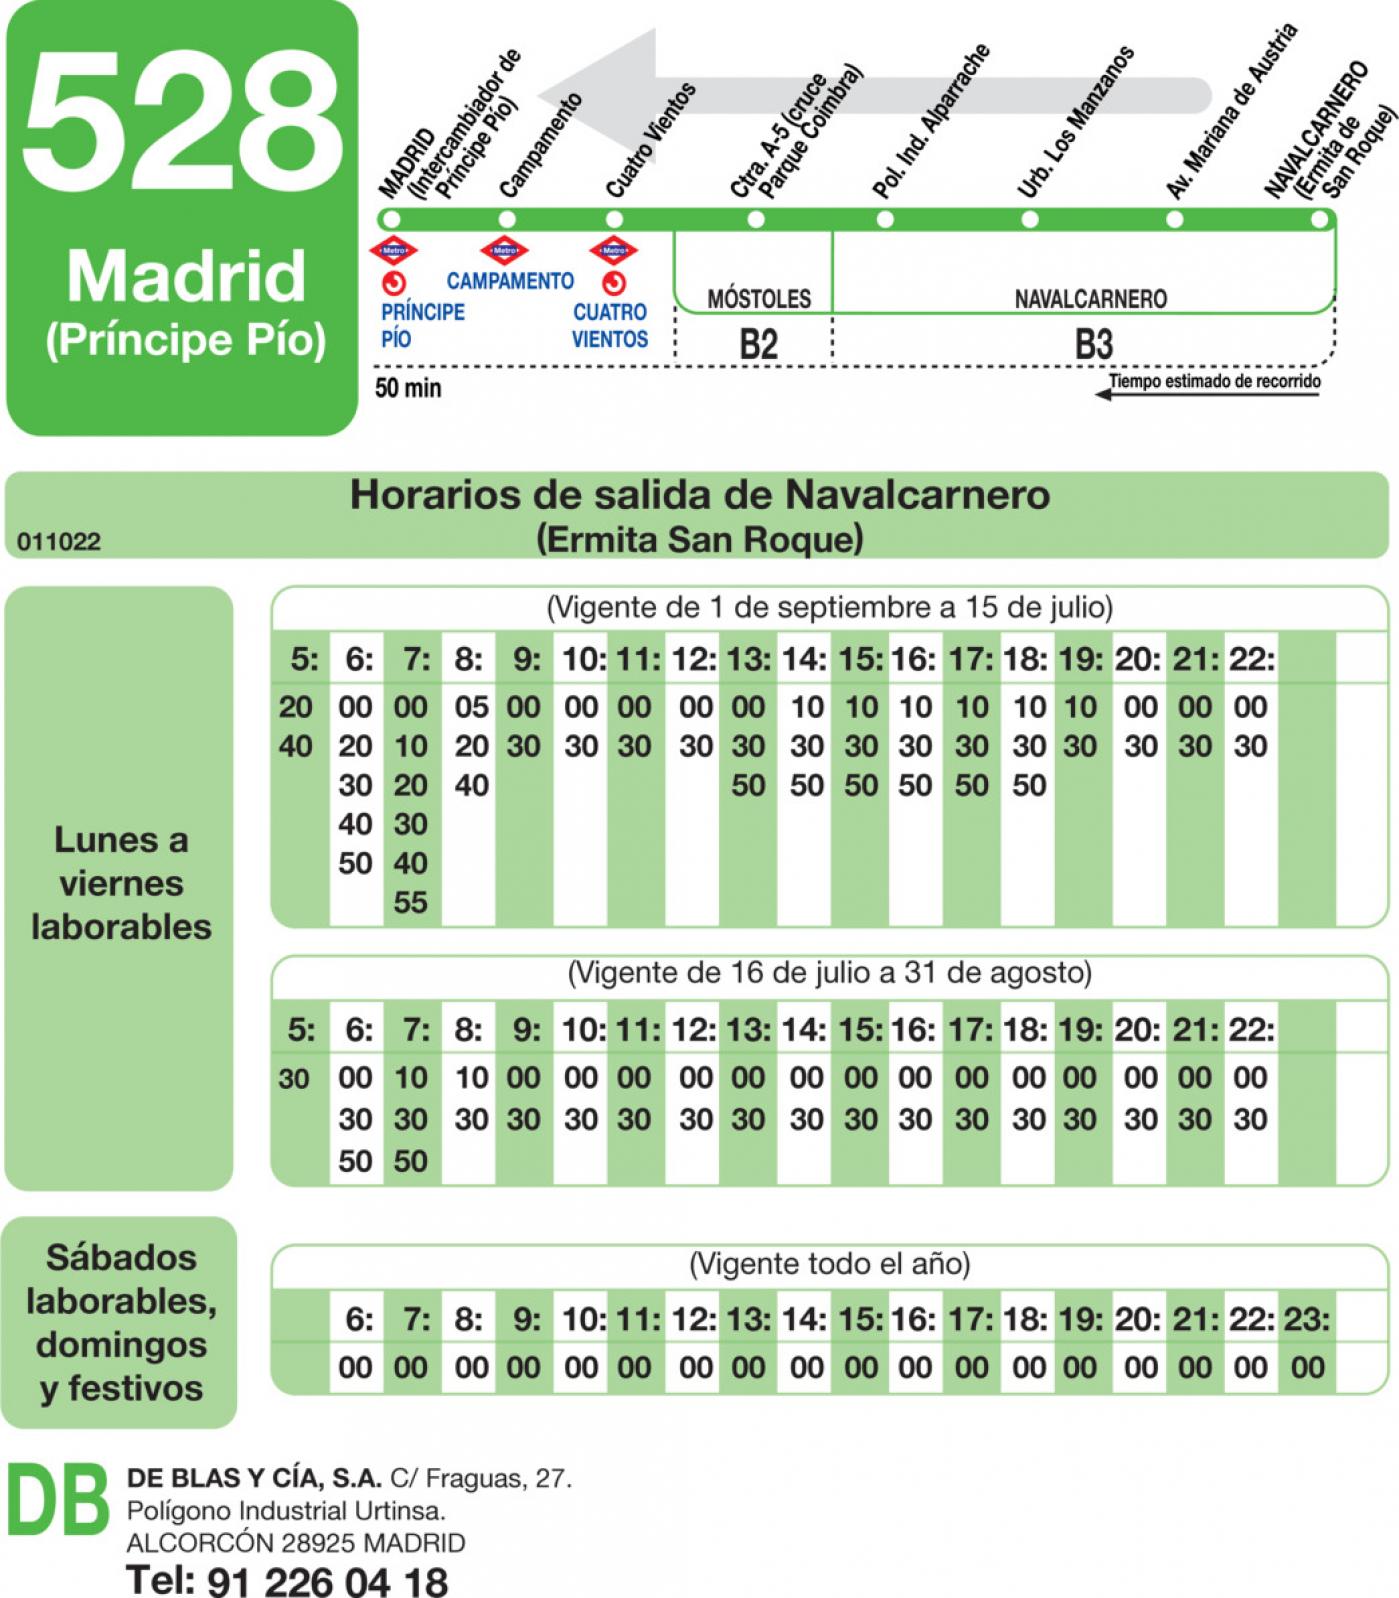 Tabla de horarios y frecuencias de paso en sentido vuelta Línea 528: Madrid (Príncipe Pío) - Navalcarnero